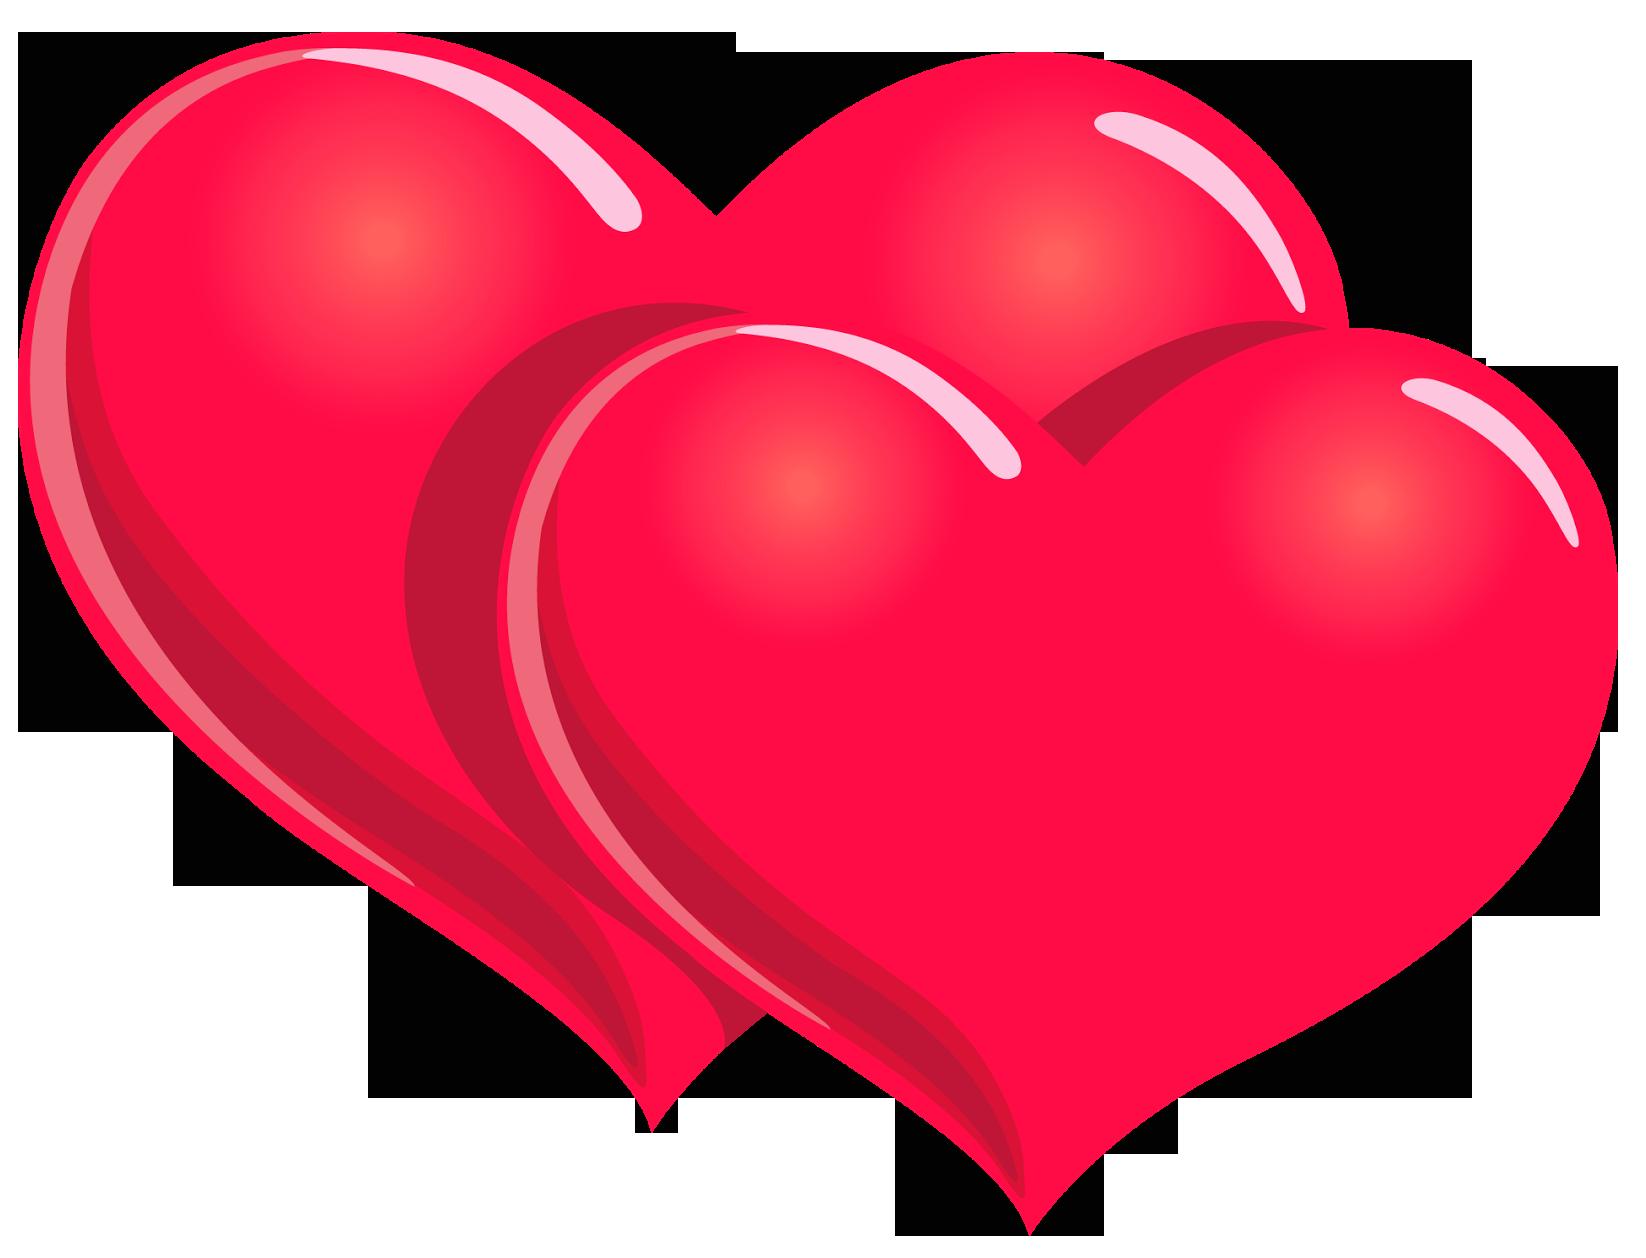 Number 2 clipart valentine, Number 2 valentine Transparent.